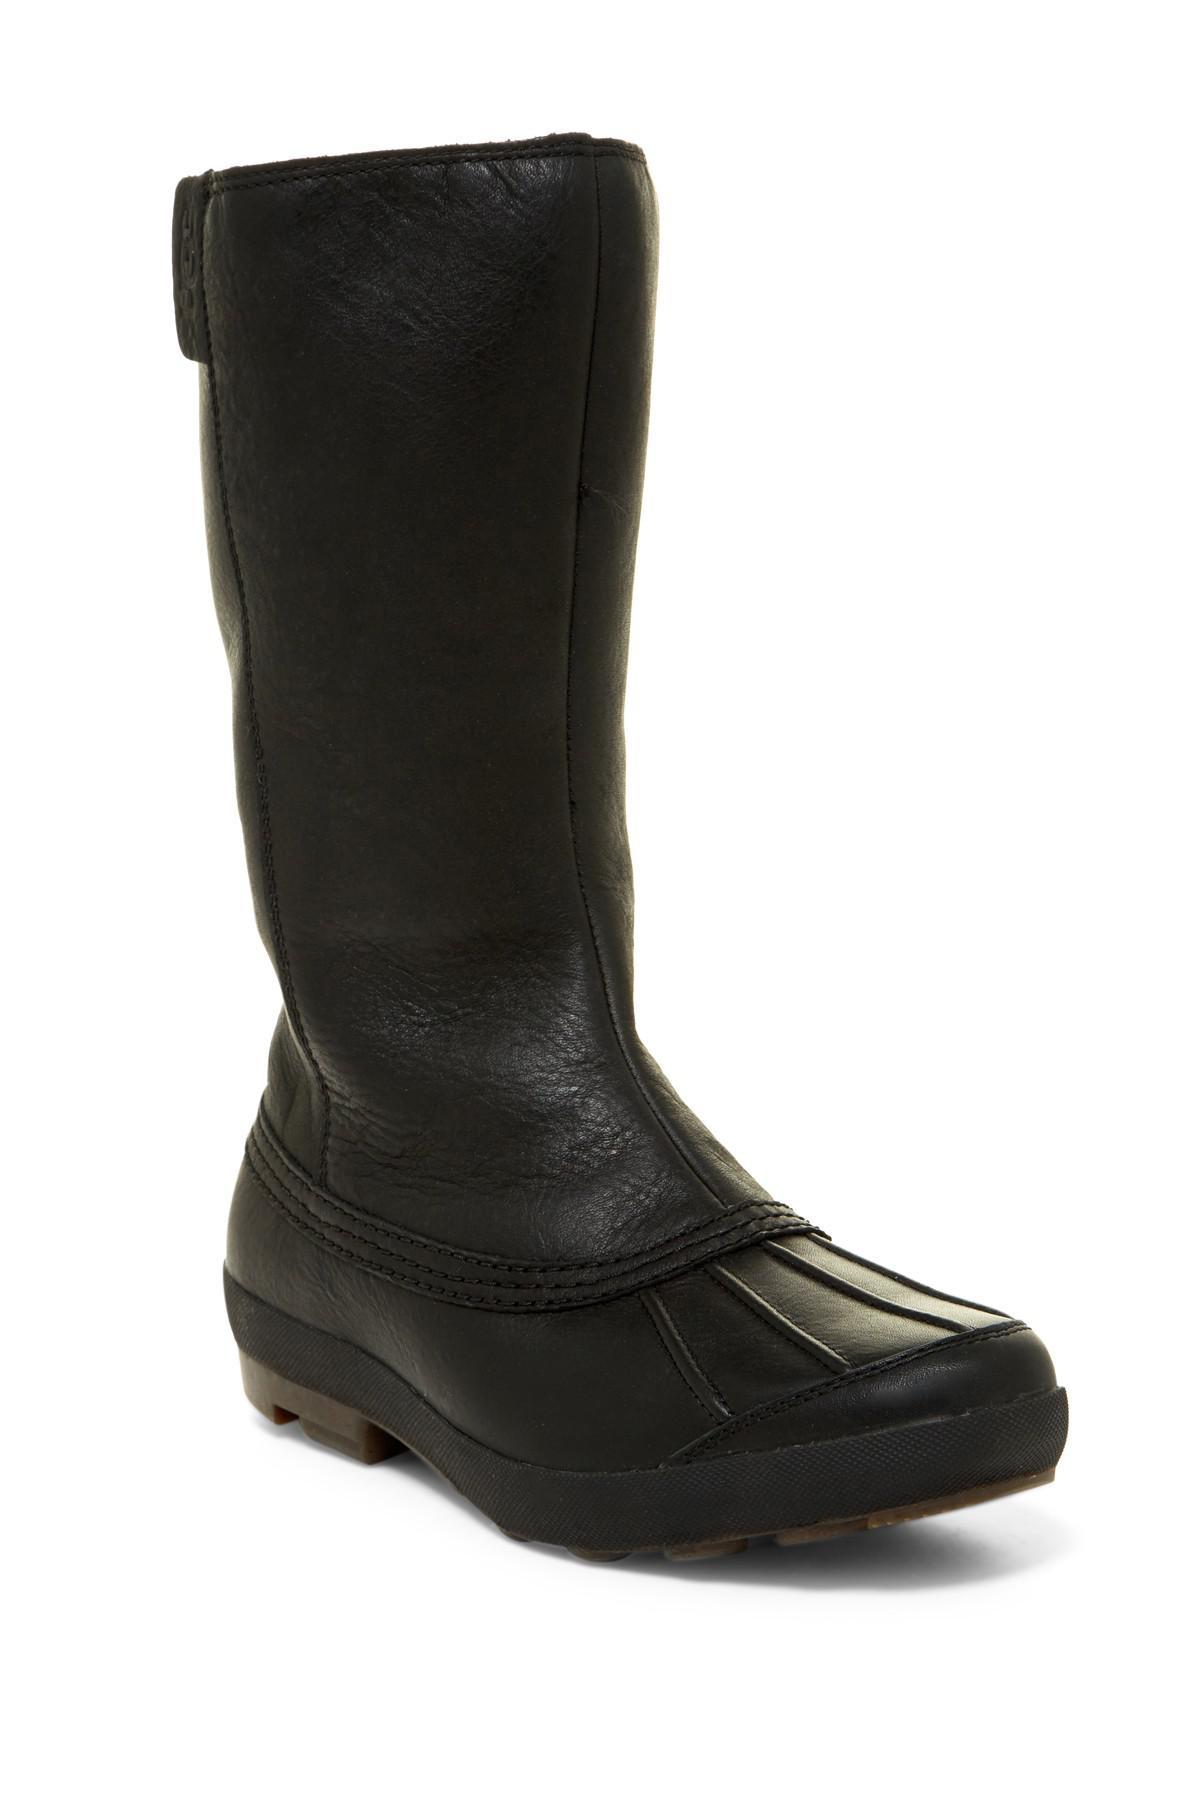 8d921192de9 Ugg Black Belfair Waterproof Uggpure Boot